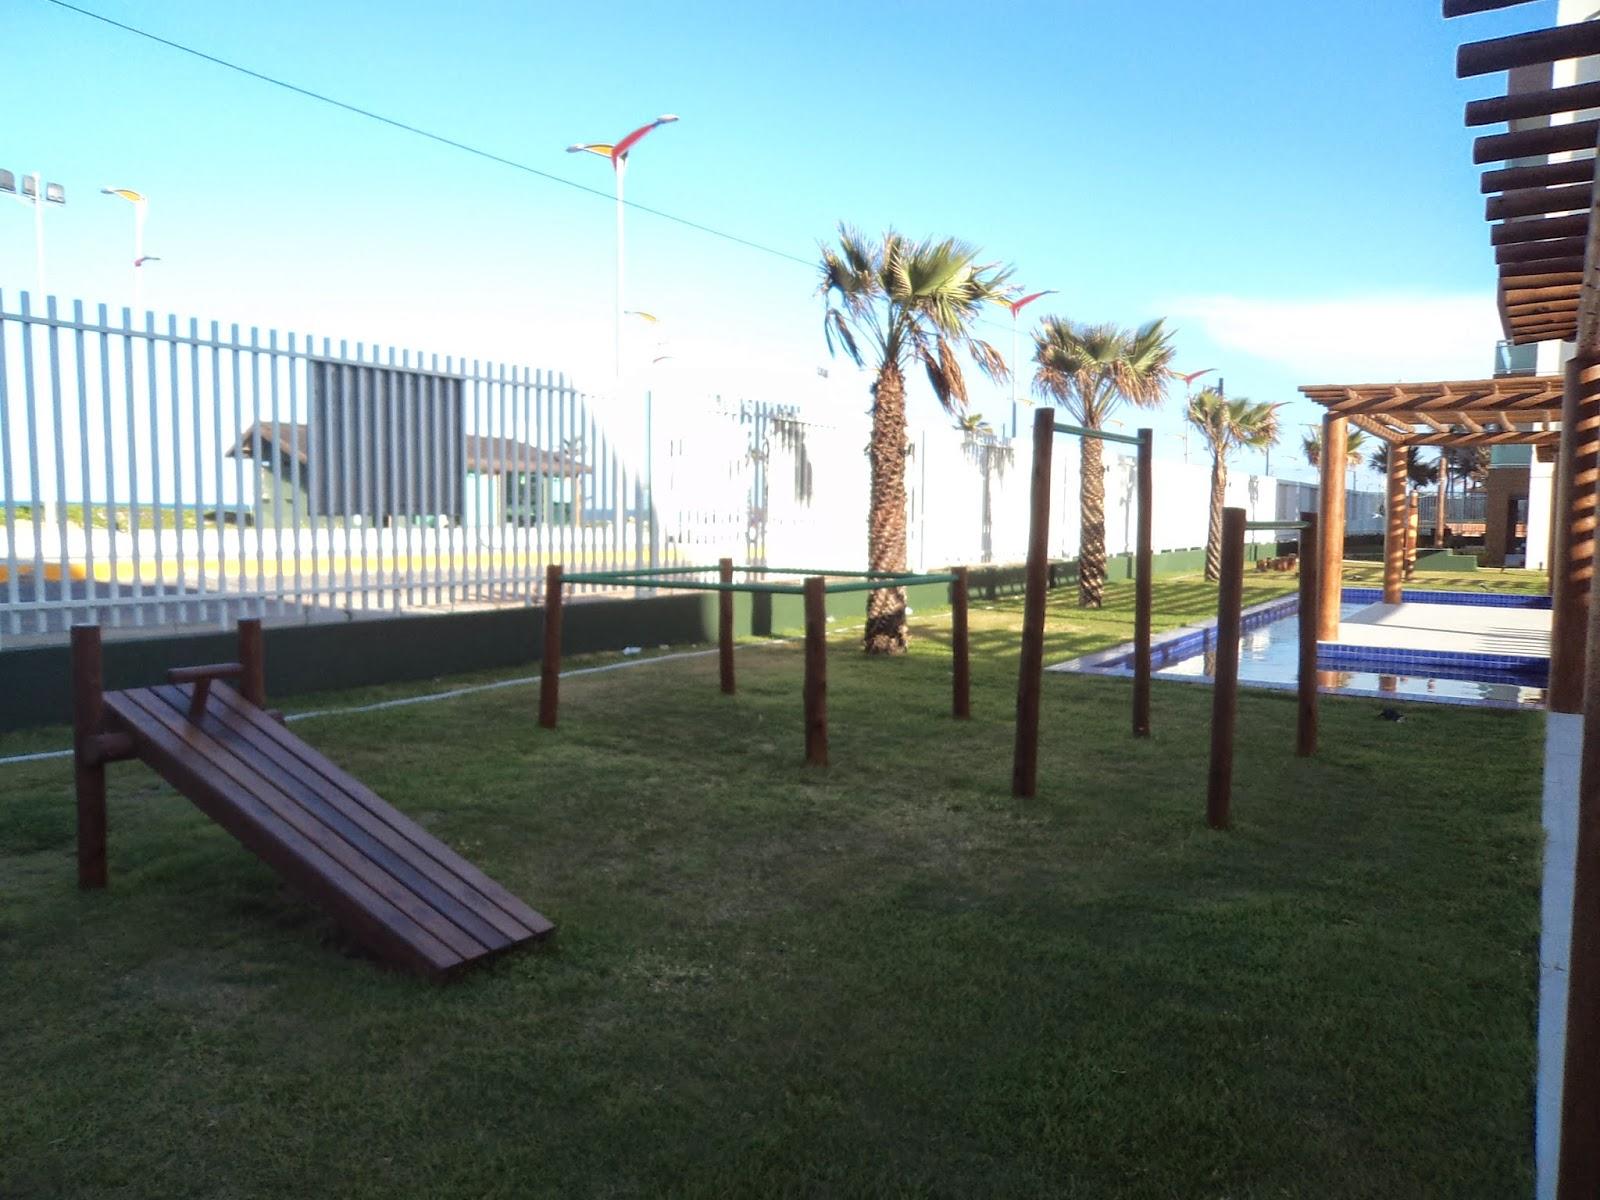 Aluguel por temporada em Fortaleza: APARTAMENTO NA PRAIA DO FUTURO  #0C8BBF 1600x1200 Banheiro Container Fortaleza